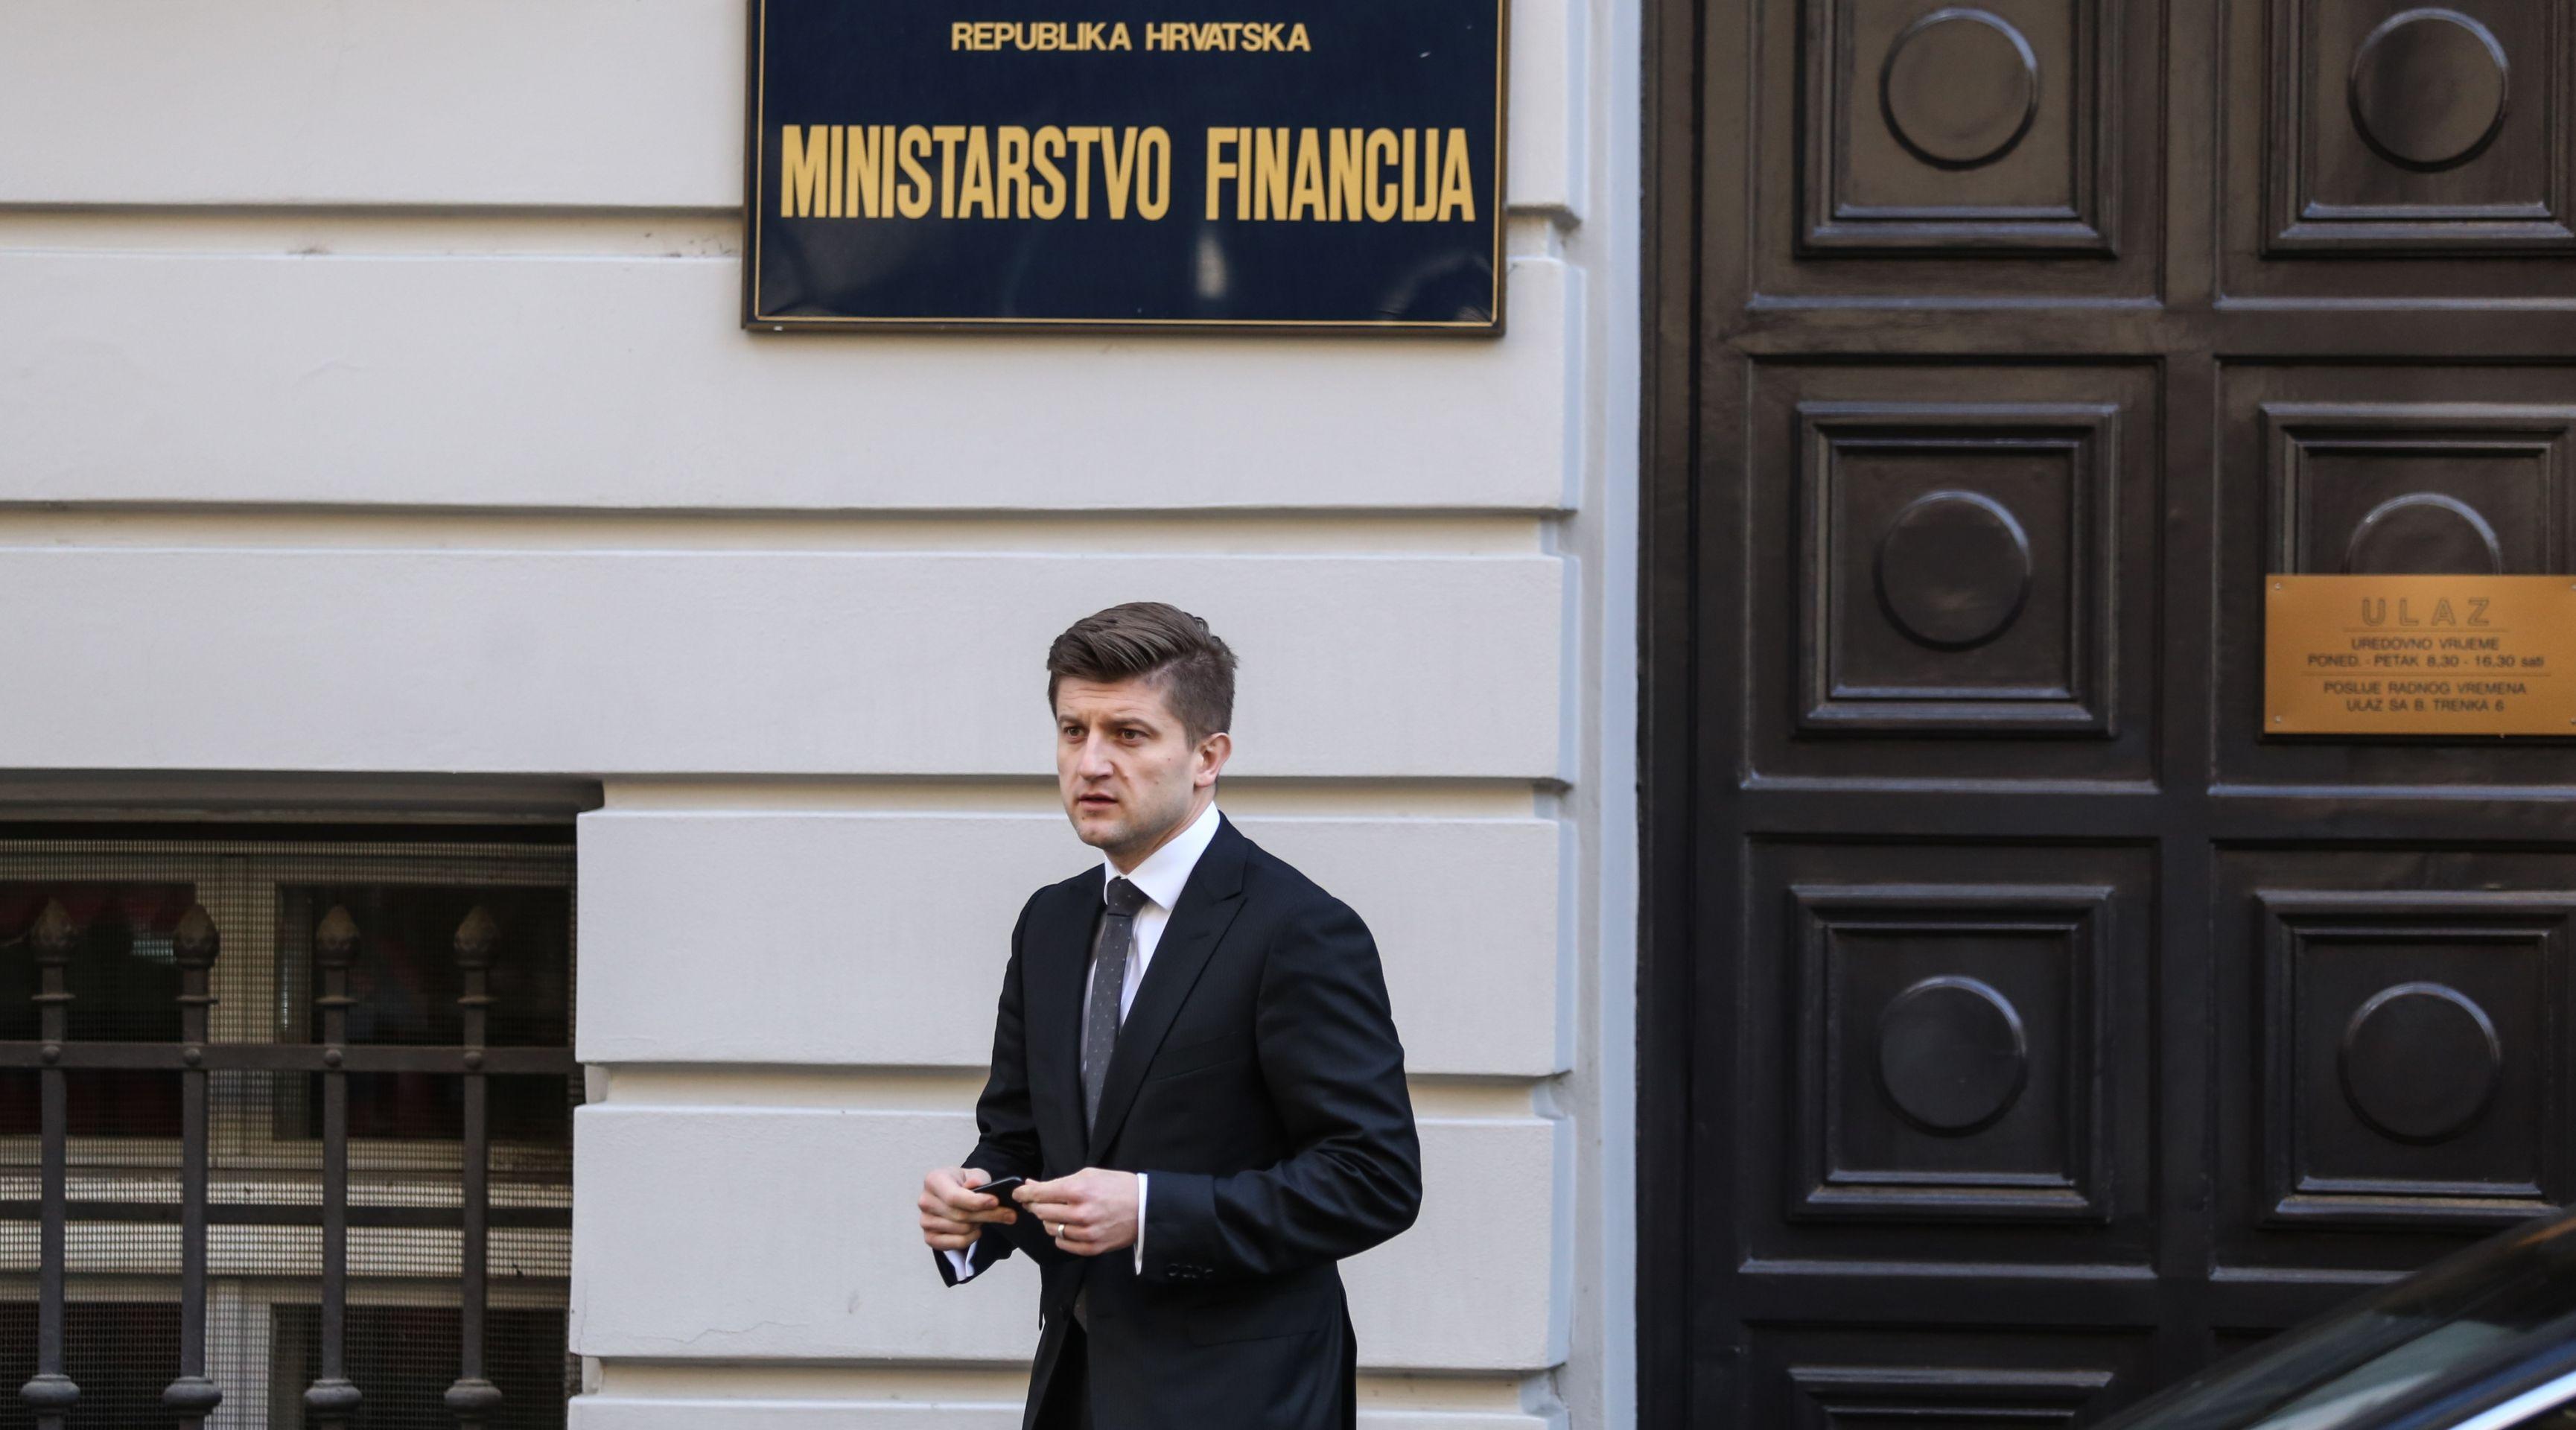 Ministarstvo financija isplatilo gotovo 30 milijuna kuna poticaja za stambenu štednju